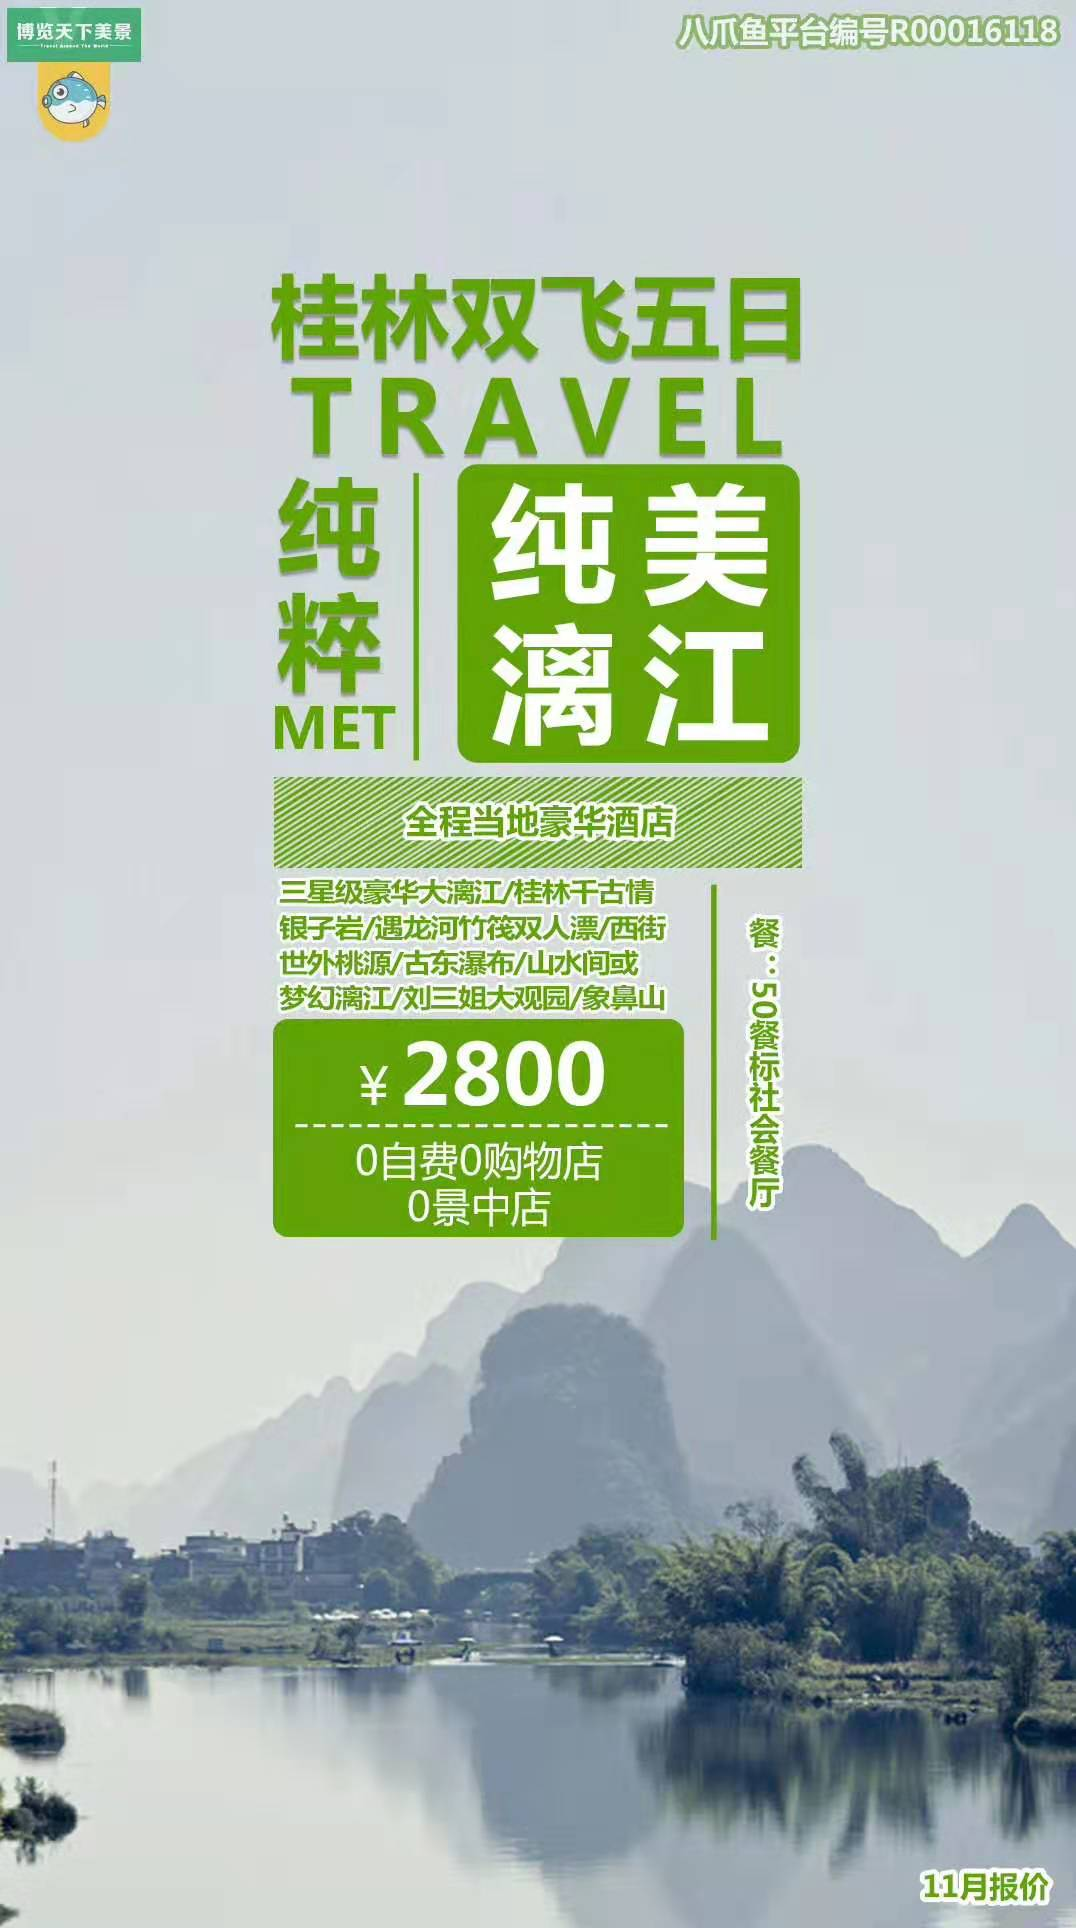 桂林3.jpg